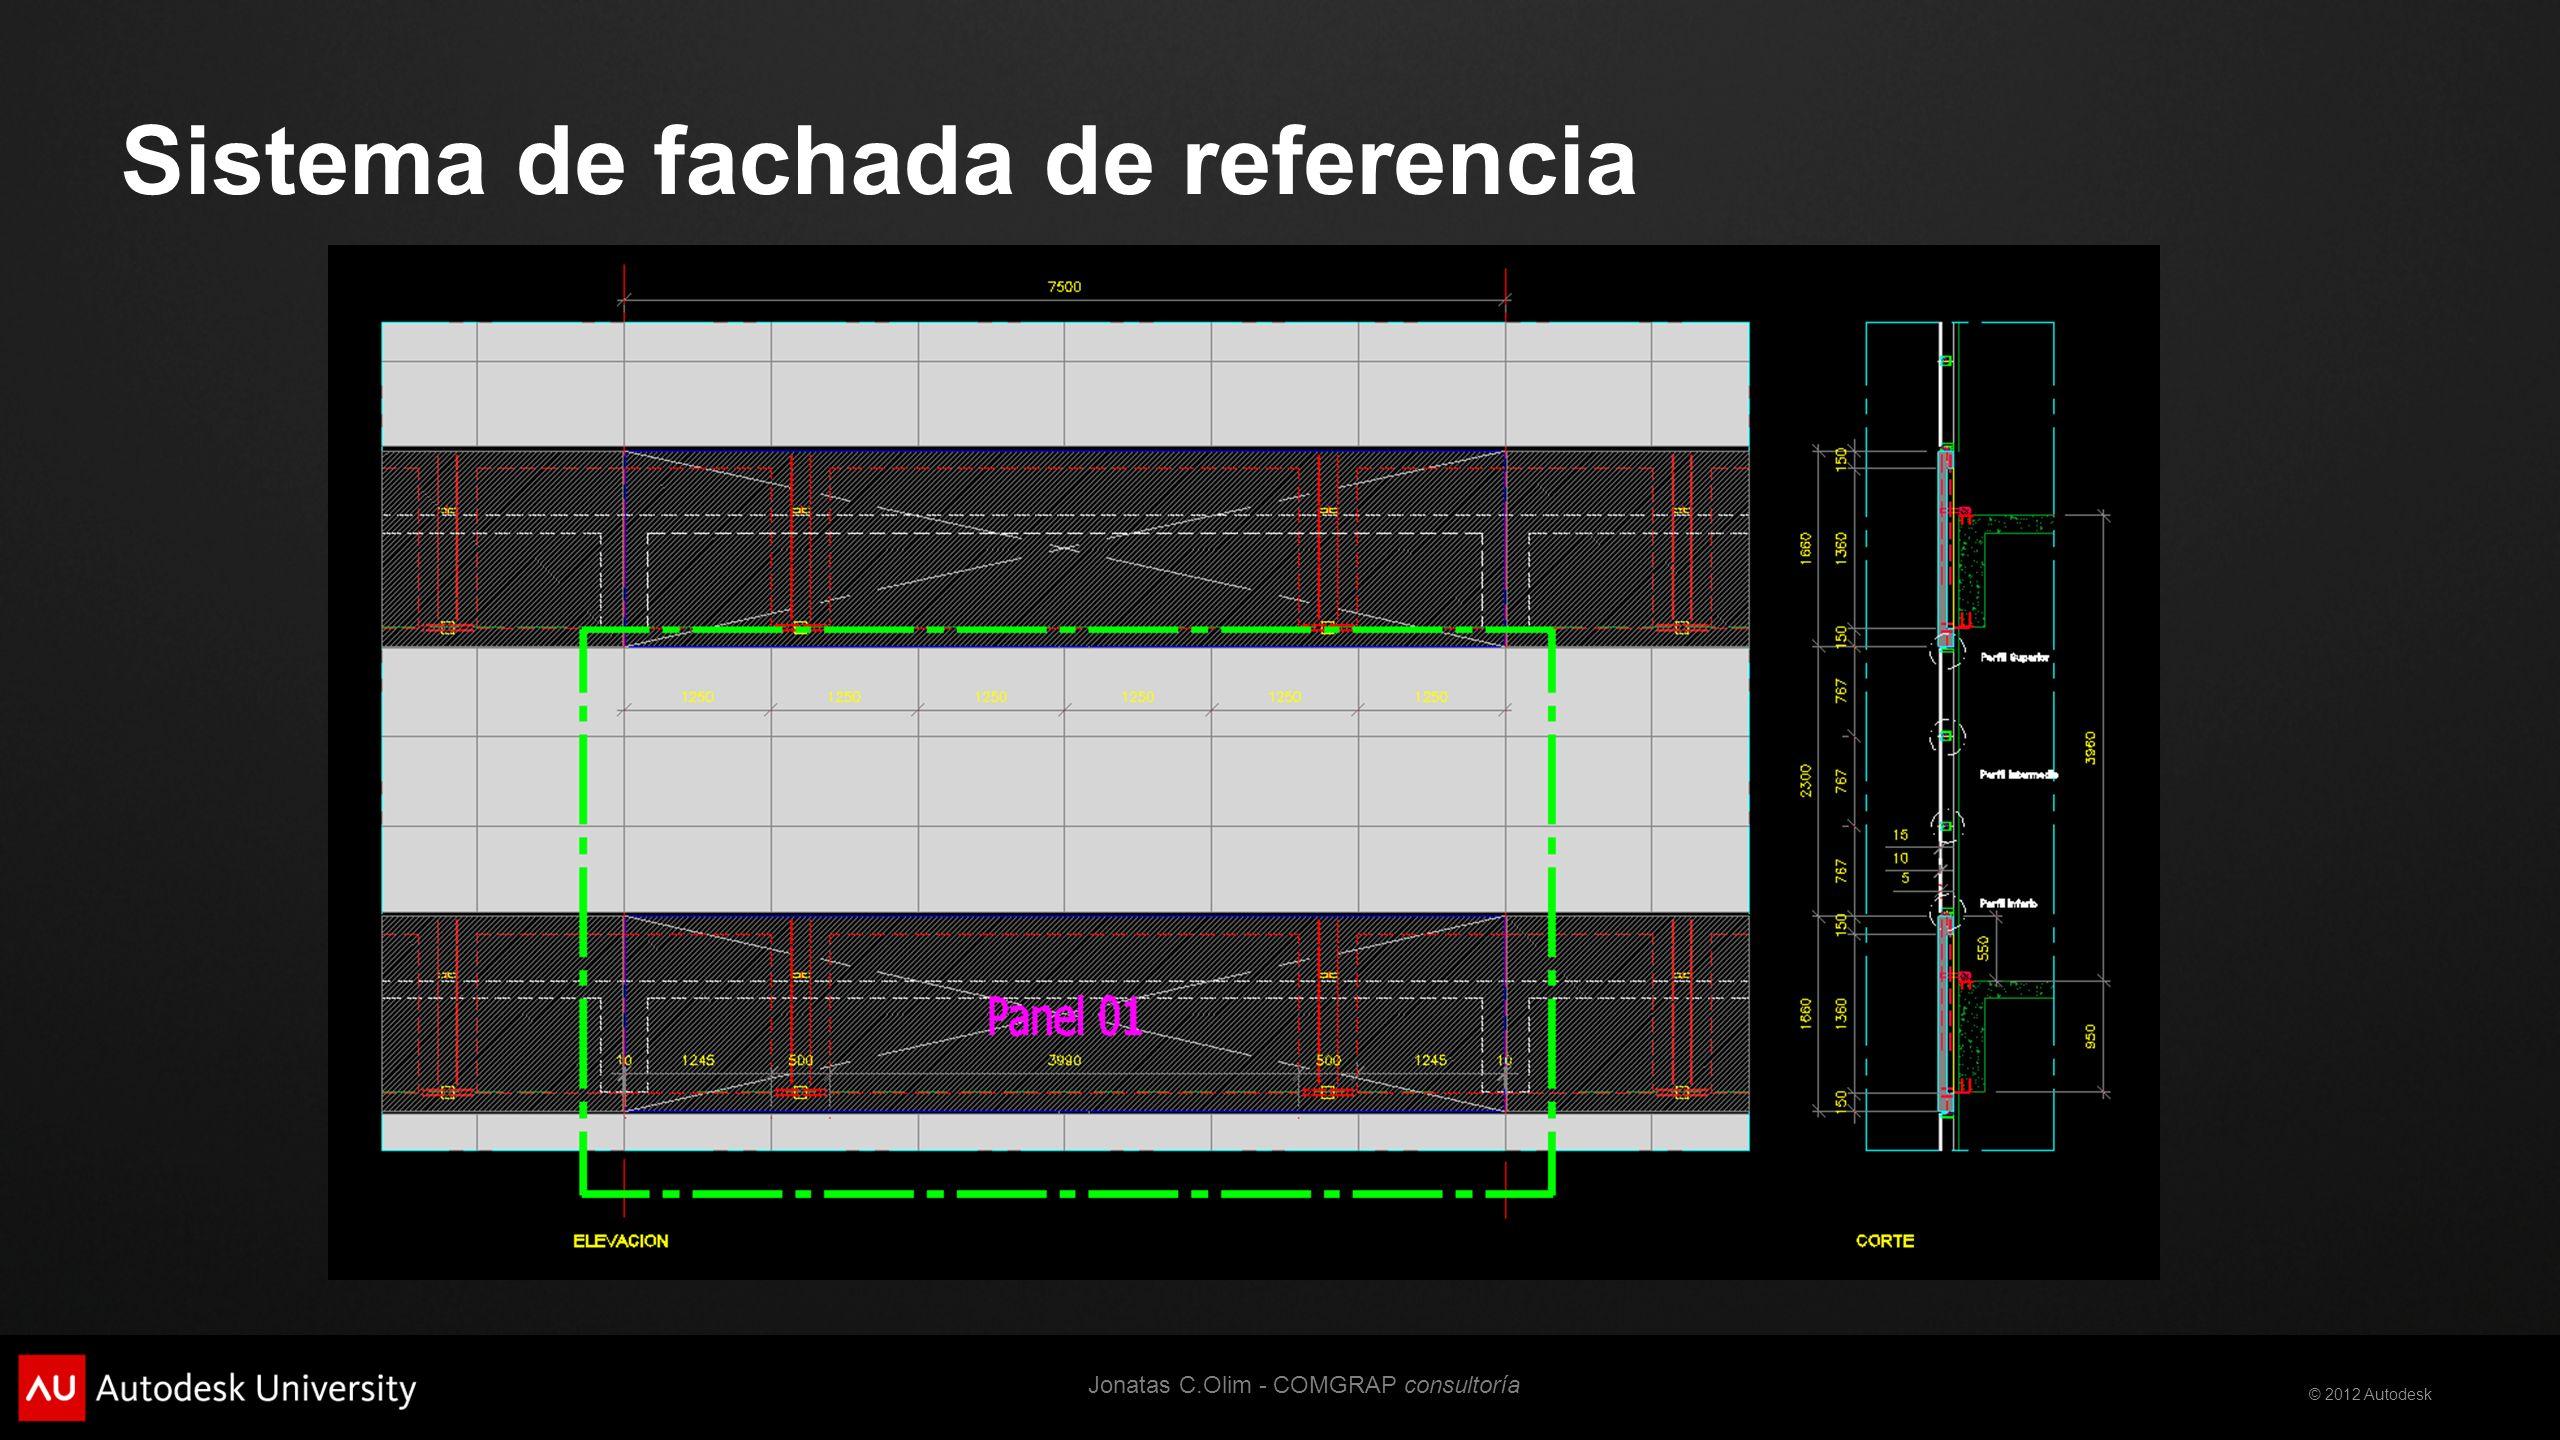 © 2012 Autodesk Muro Cortina Compuesto Ref. stamppfa.com.br Jonatas C.Olim - COMGRAP consultoría